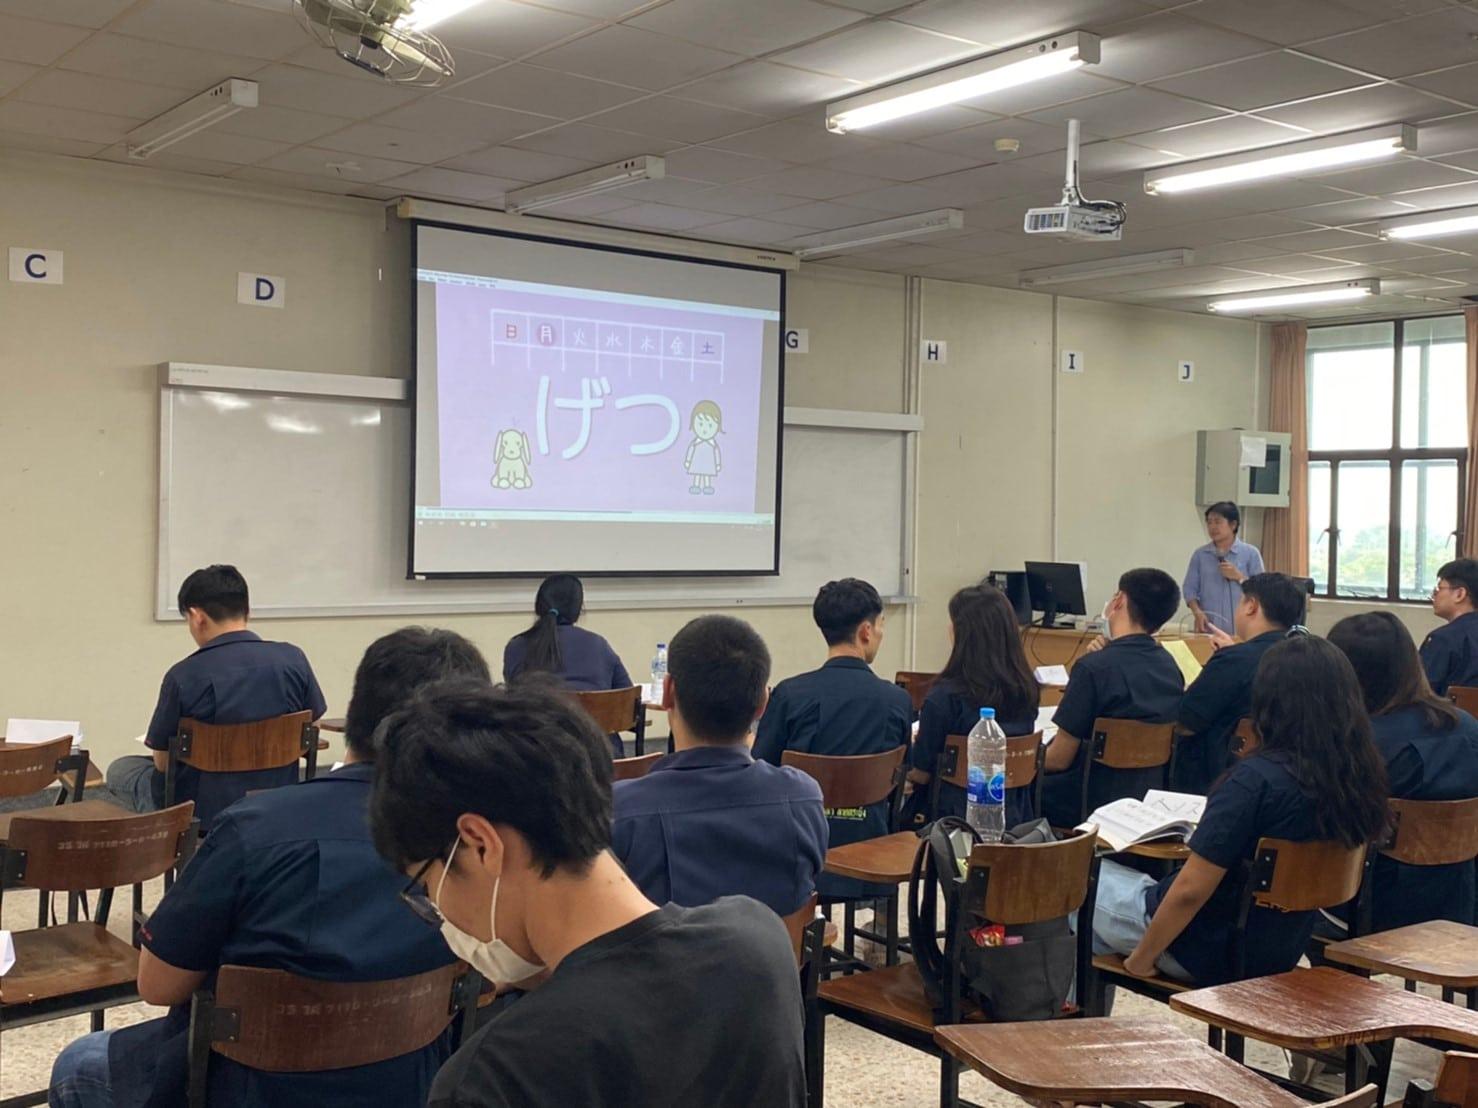 「日本も日本人も好きだけど、働き方が心配……」タイのチュラロンコーン大学など3つの大学を視察しました